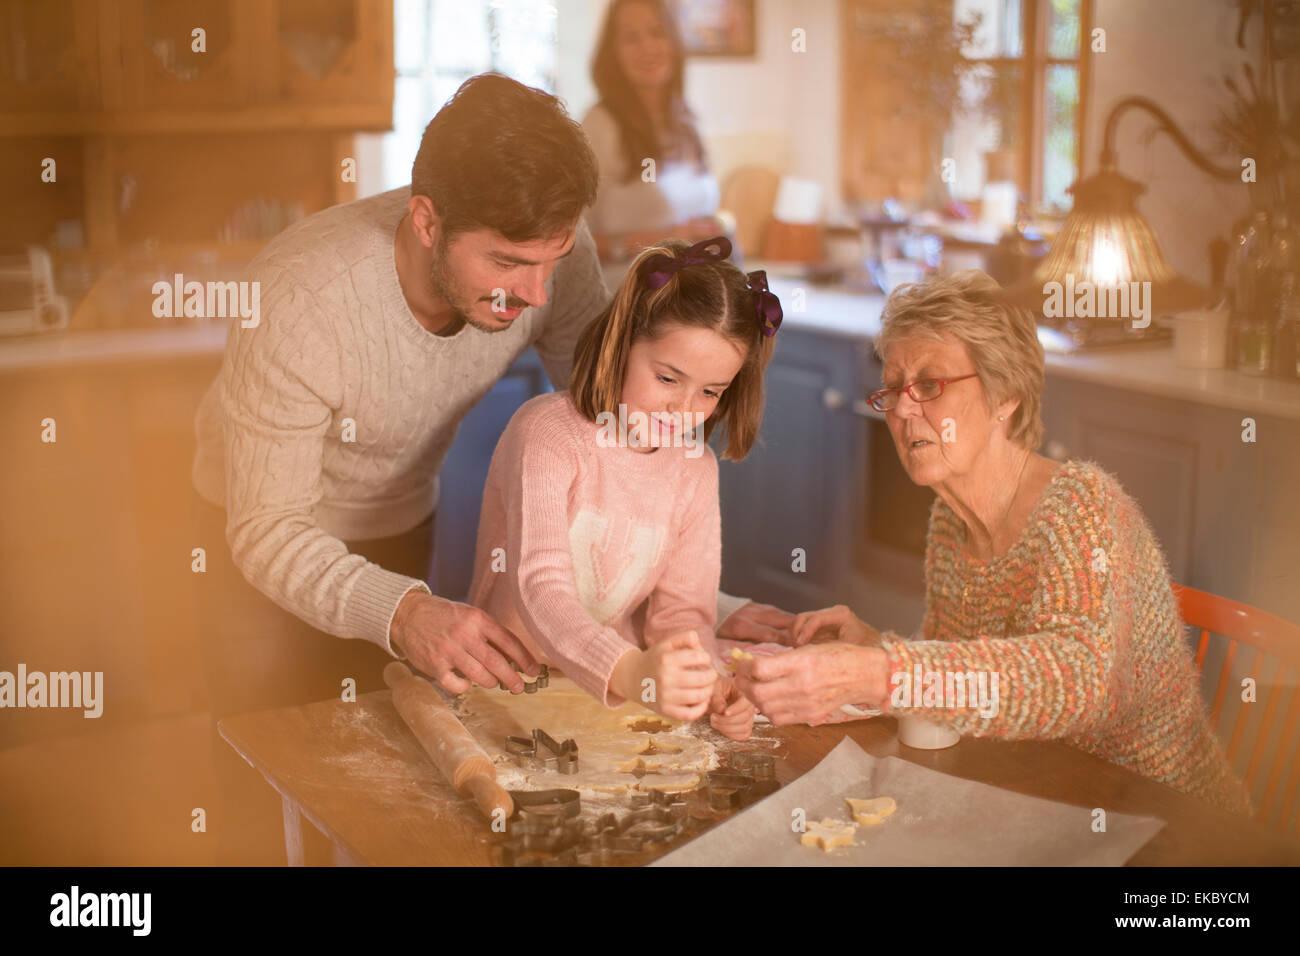 Trois générations de formes de découpe dans la pâte pour faire des biscuits Photo Stock